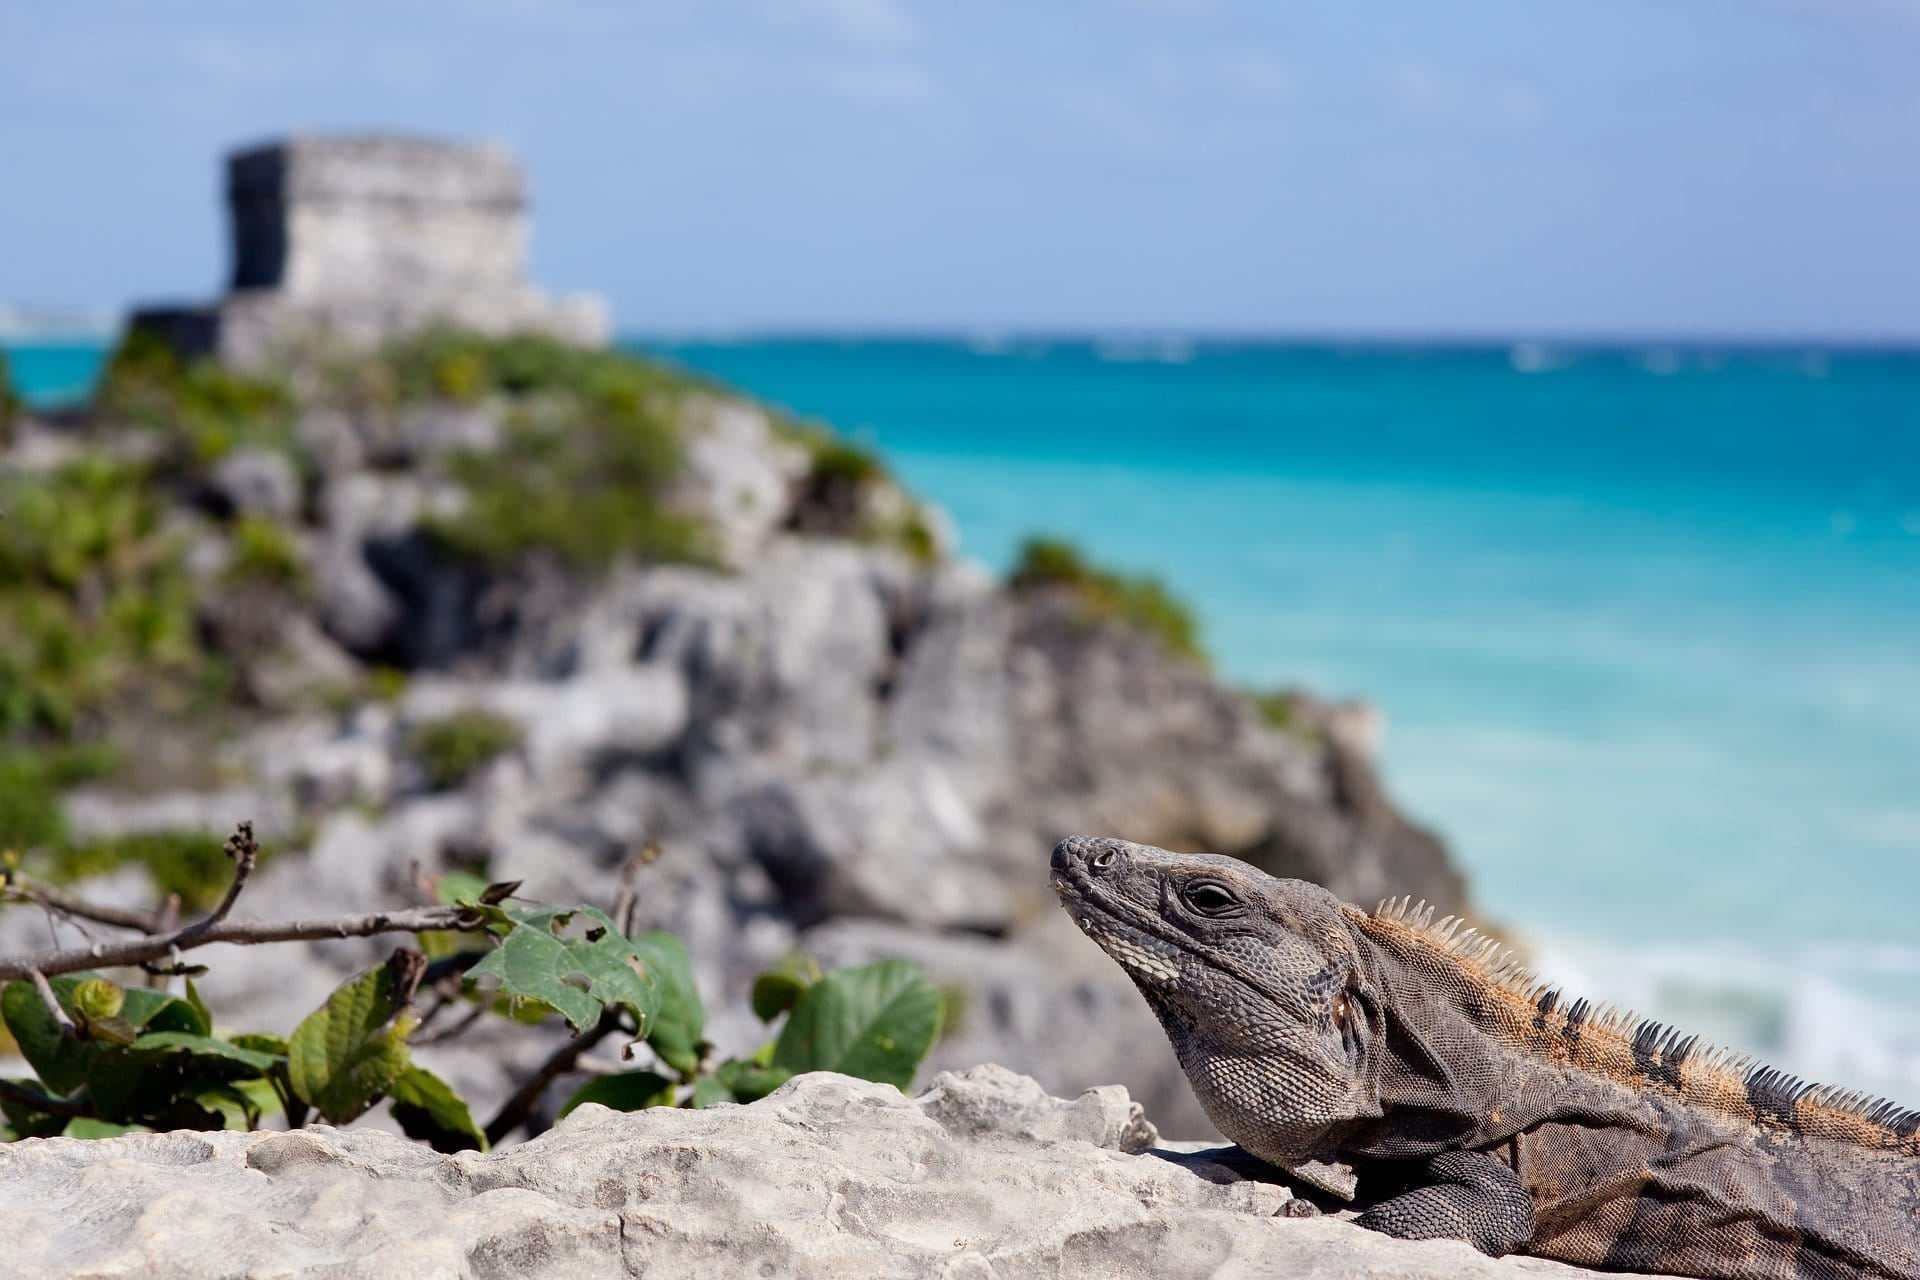 Iguane sur le site archéologique de Tulum au Yucatan.